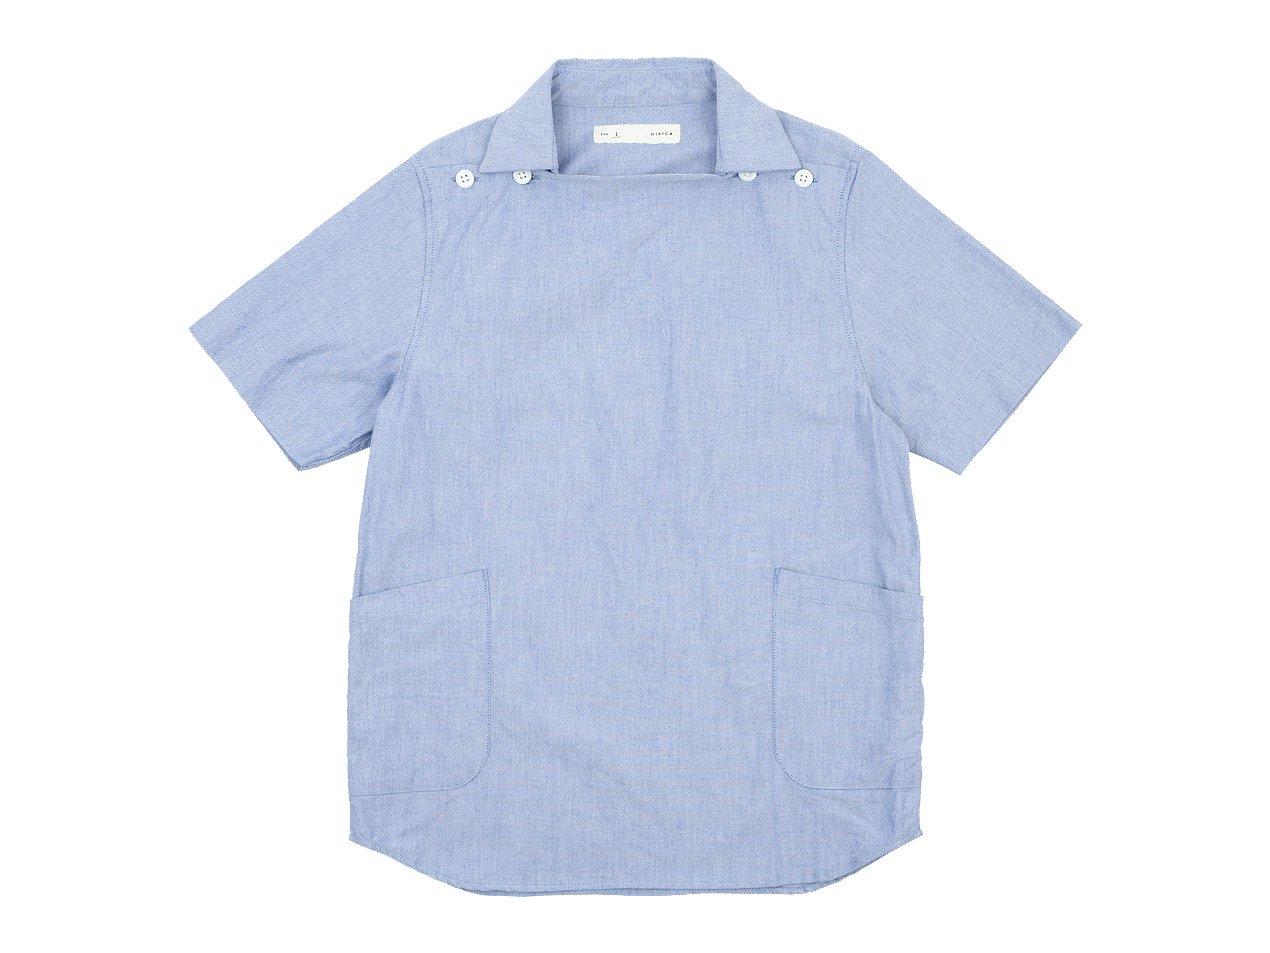 nisica デッキマンシャツ 半袖 / カットソー